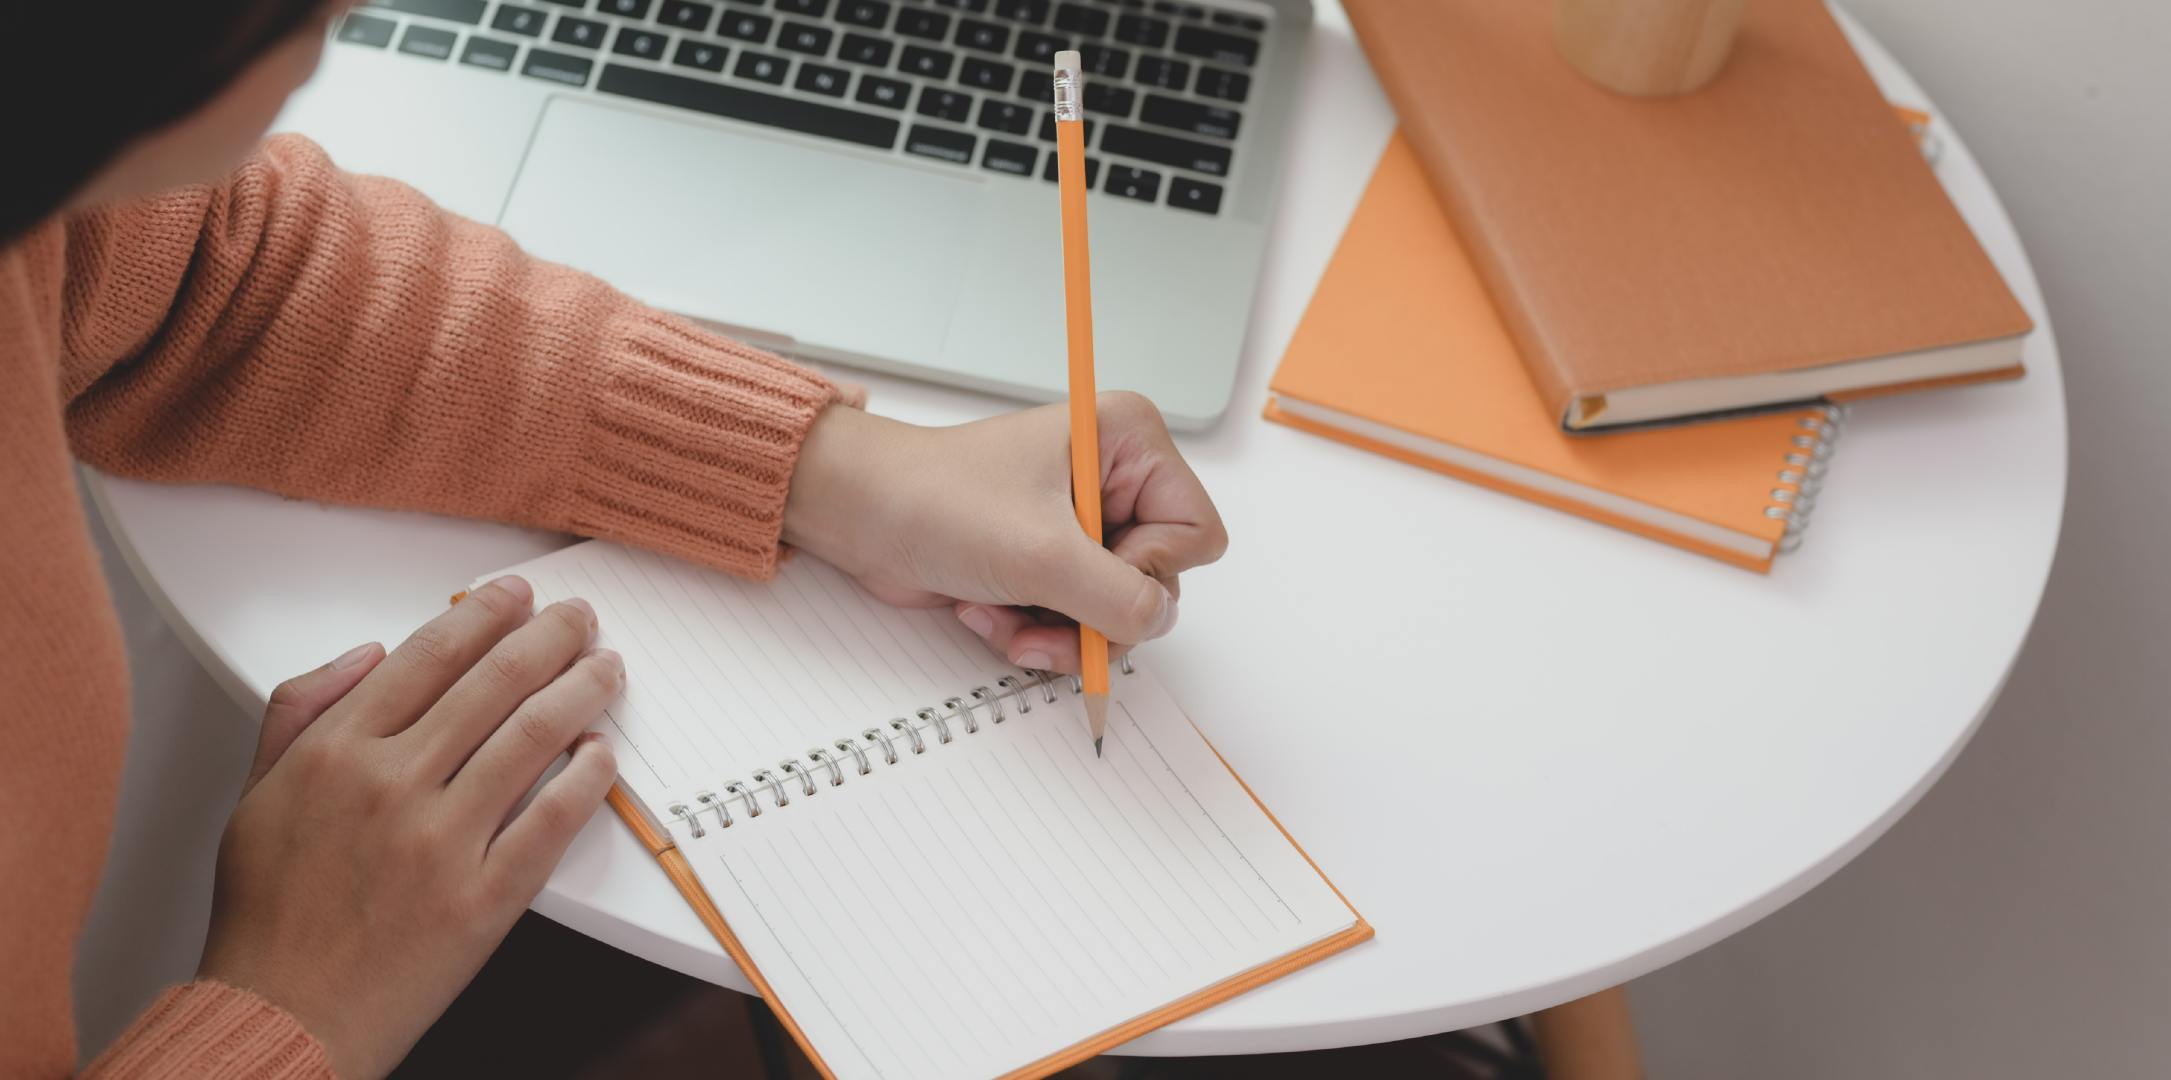 穿着棕色毛衣在办公桌上写字的白领摄影图片